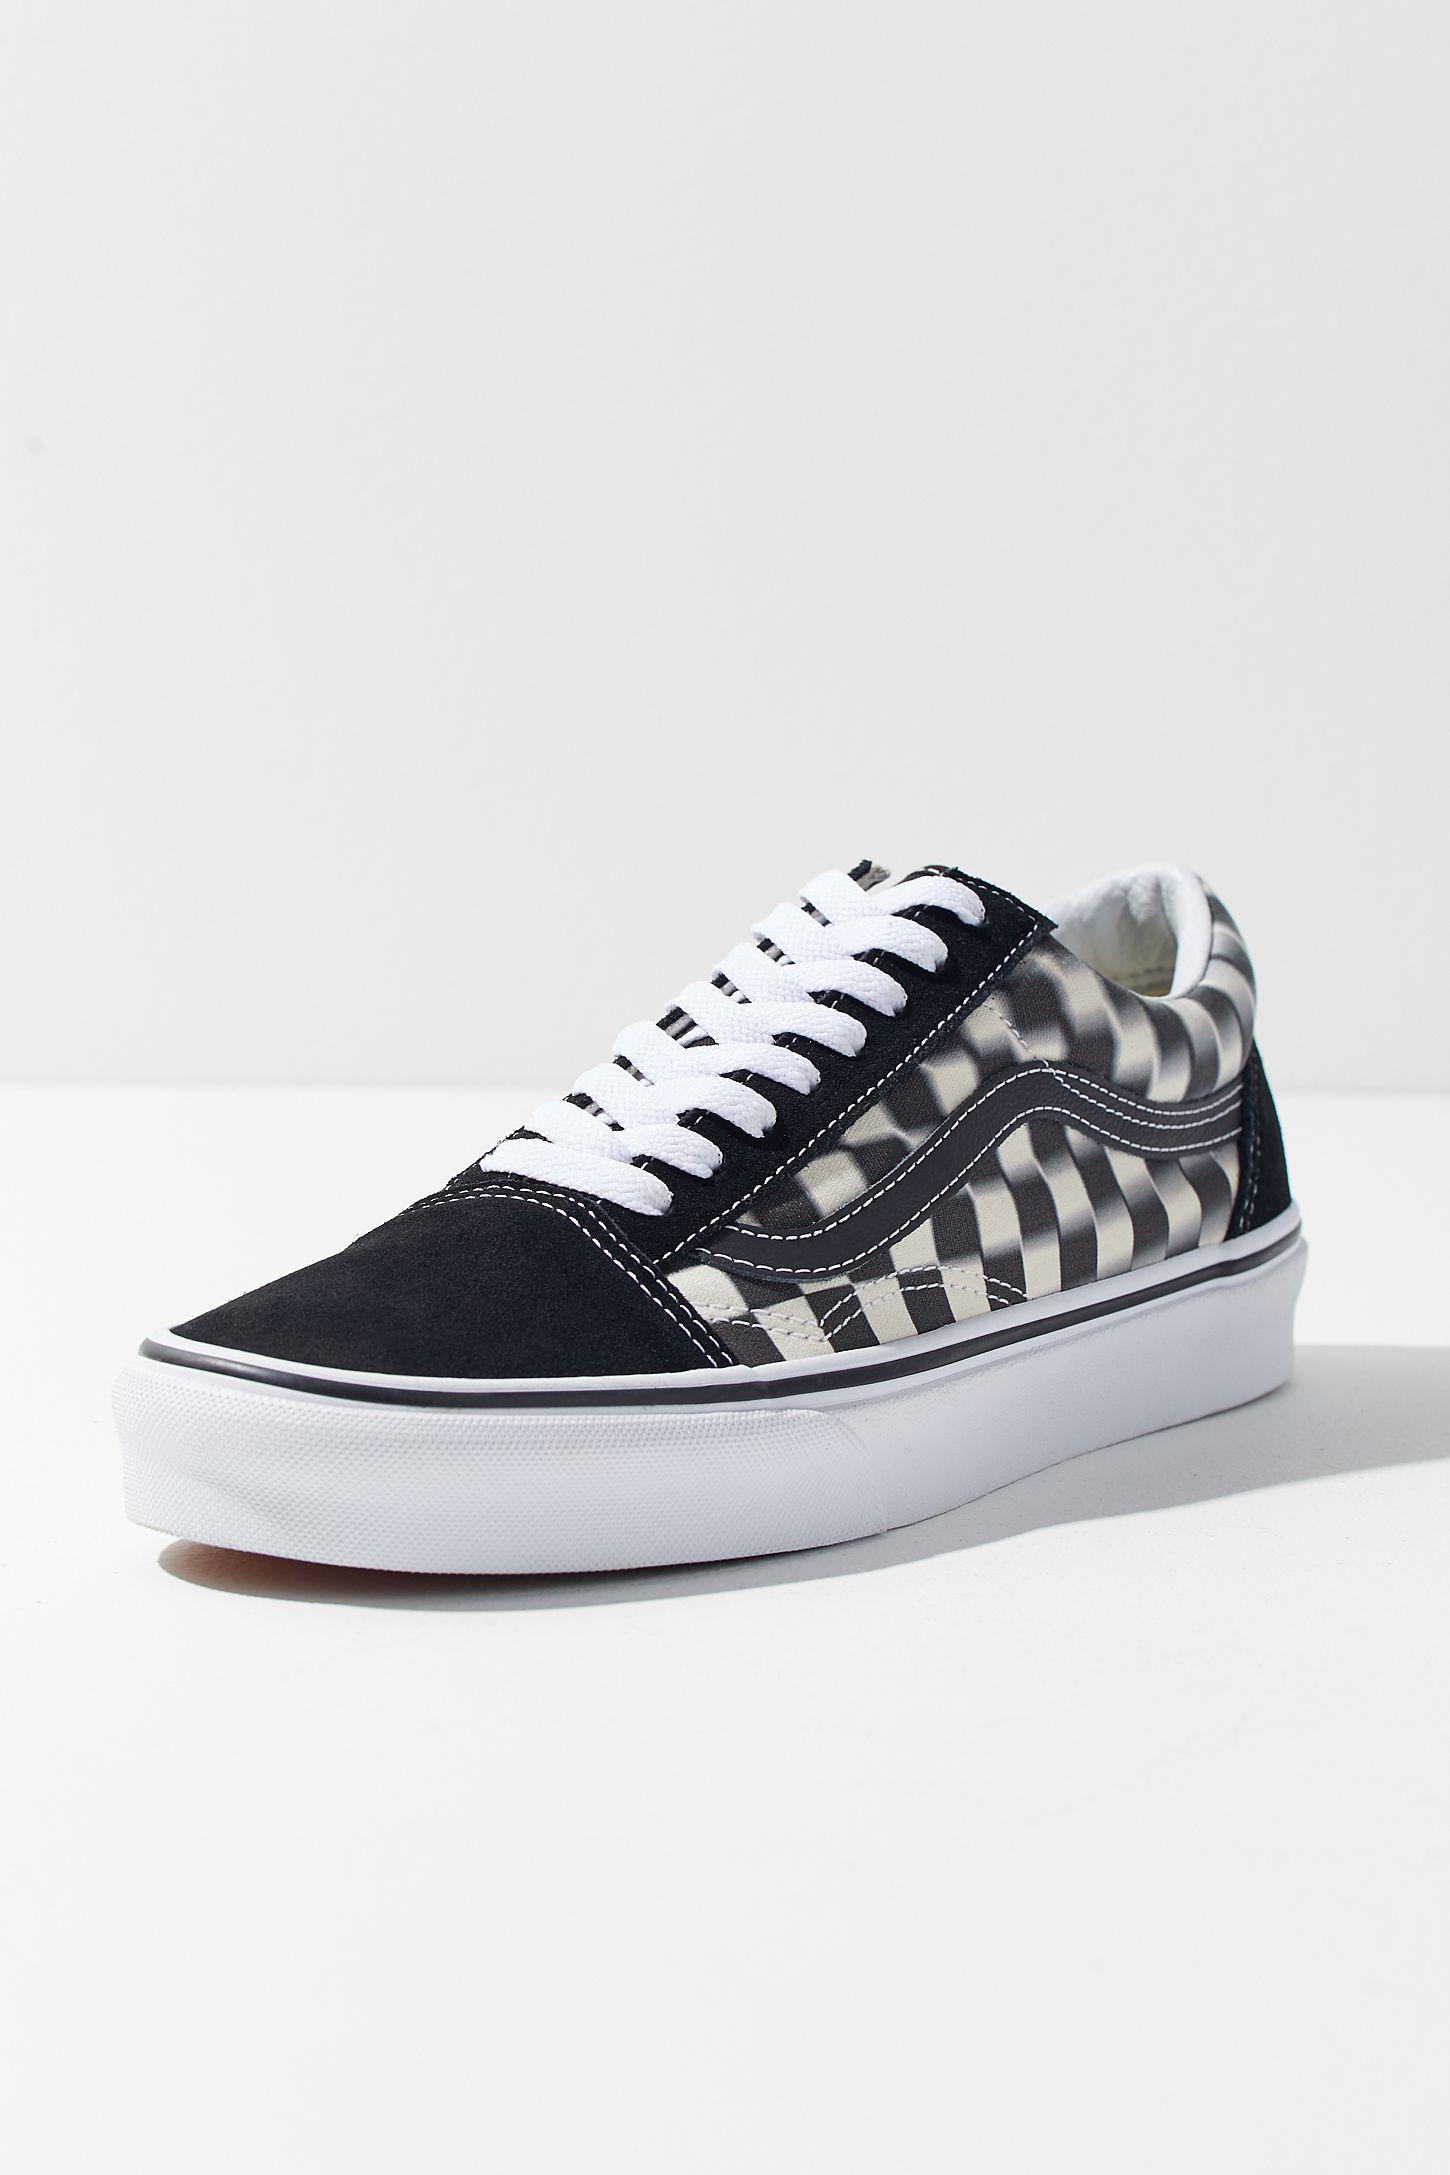 Vans Old Skool Blurred Checkerboard Sneaker